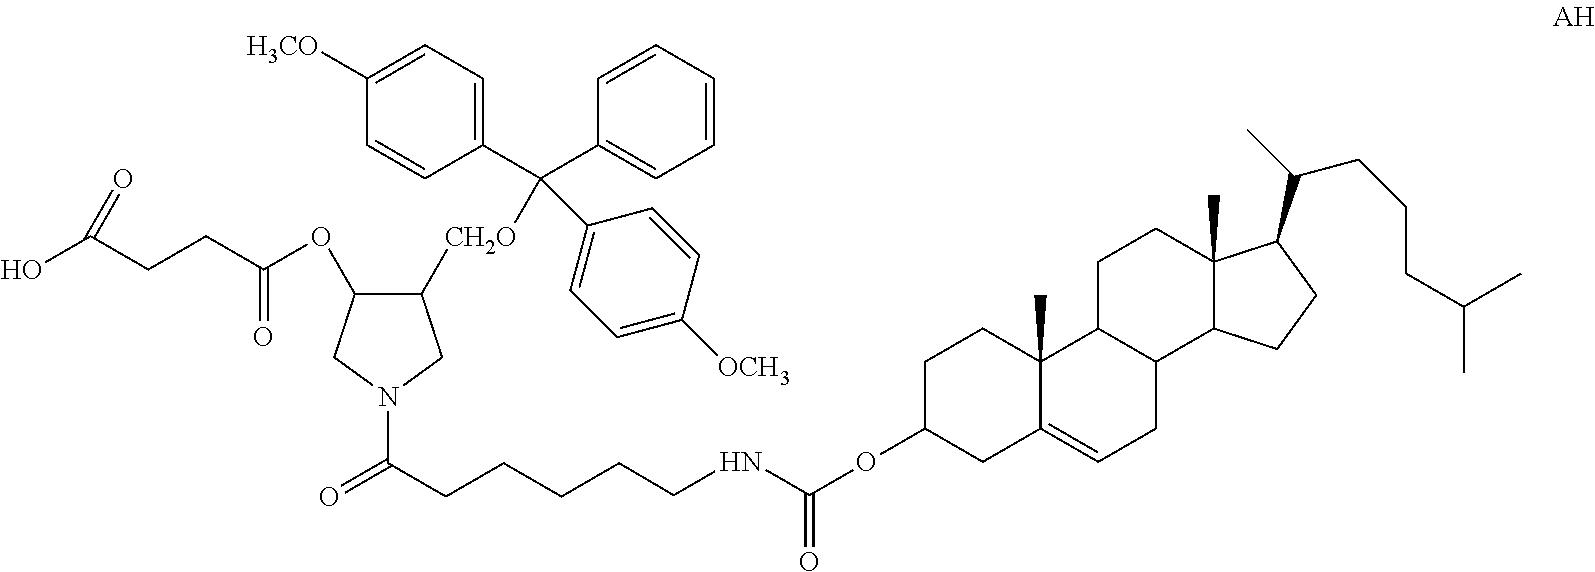 Figure US20110251262A1-20111013-C00009